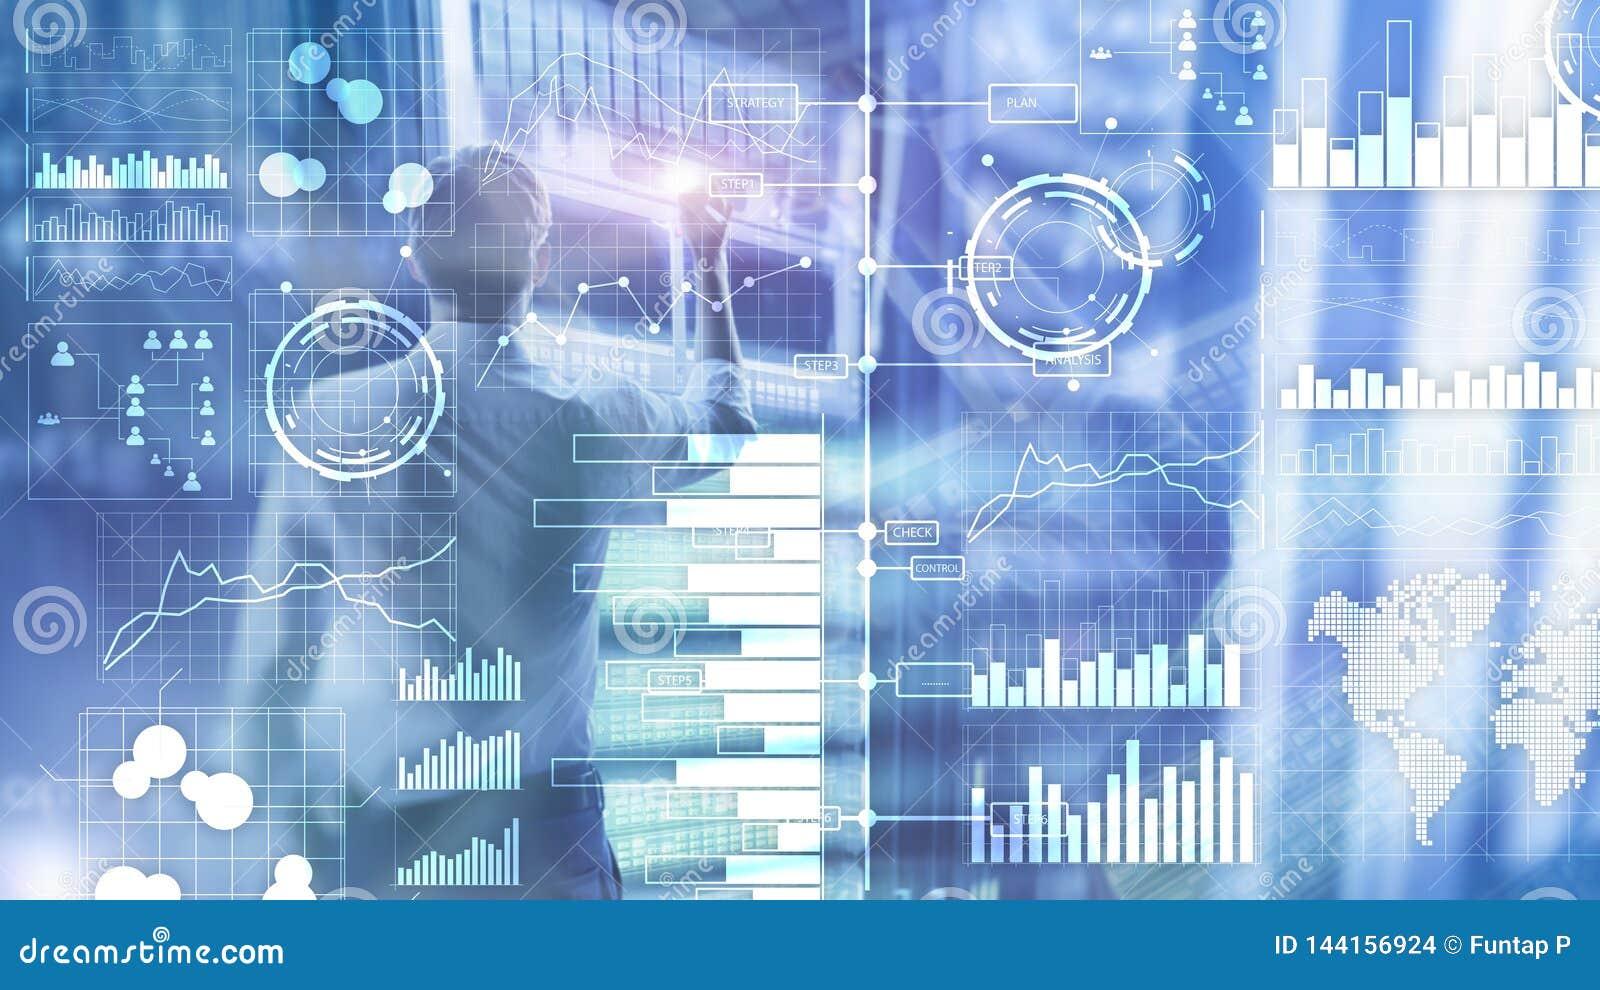 Inteligência empresarial Diagrama, gráfico, compra e venda de ações, painel do investimento, fundo borrado transparente